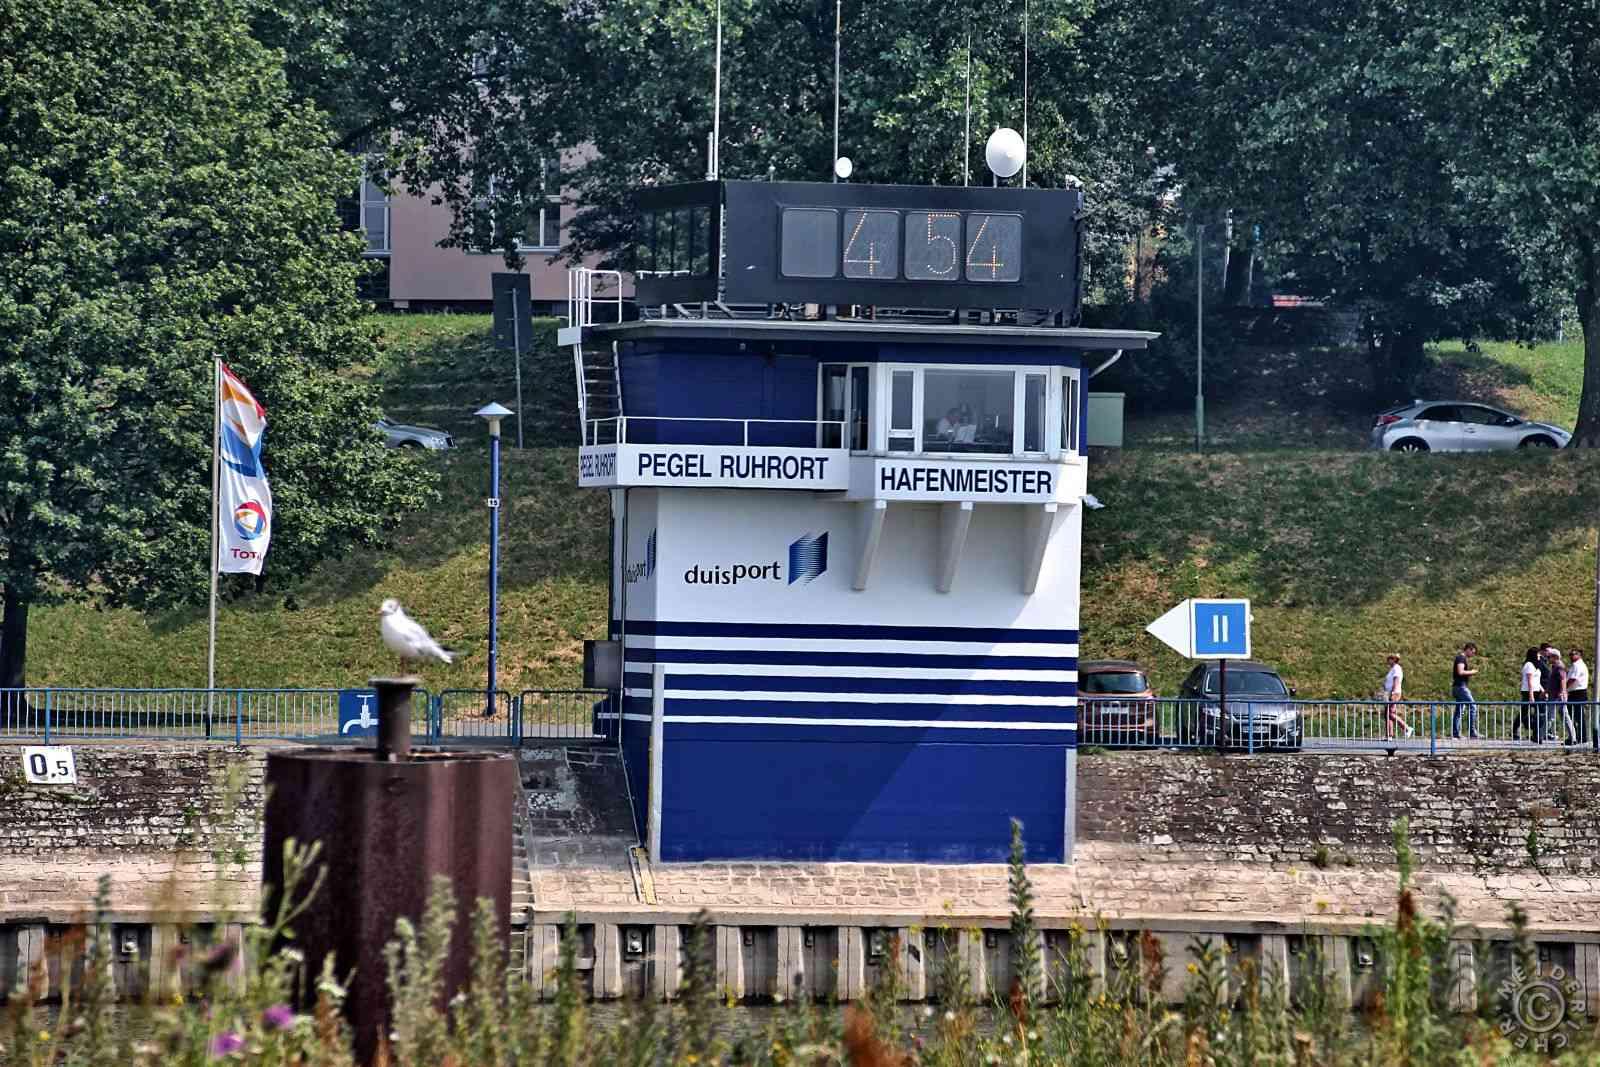 Duisburg Ruhrort 713